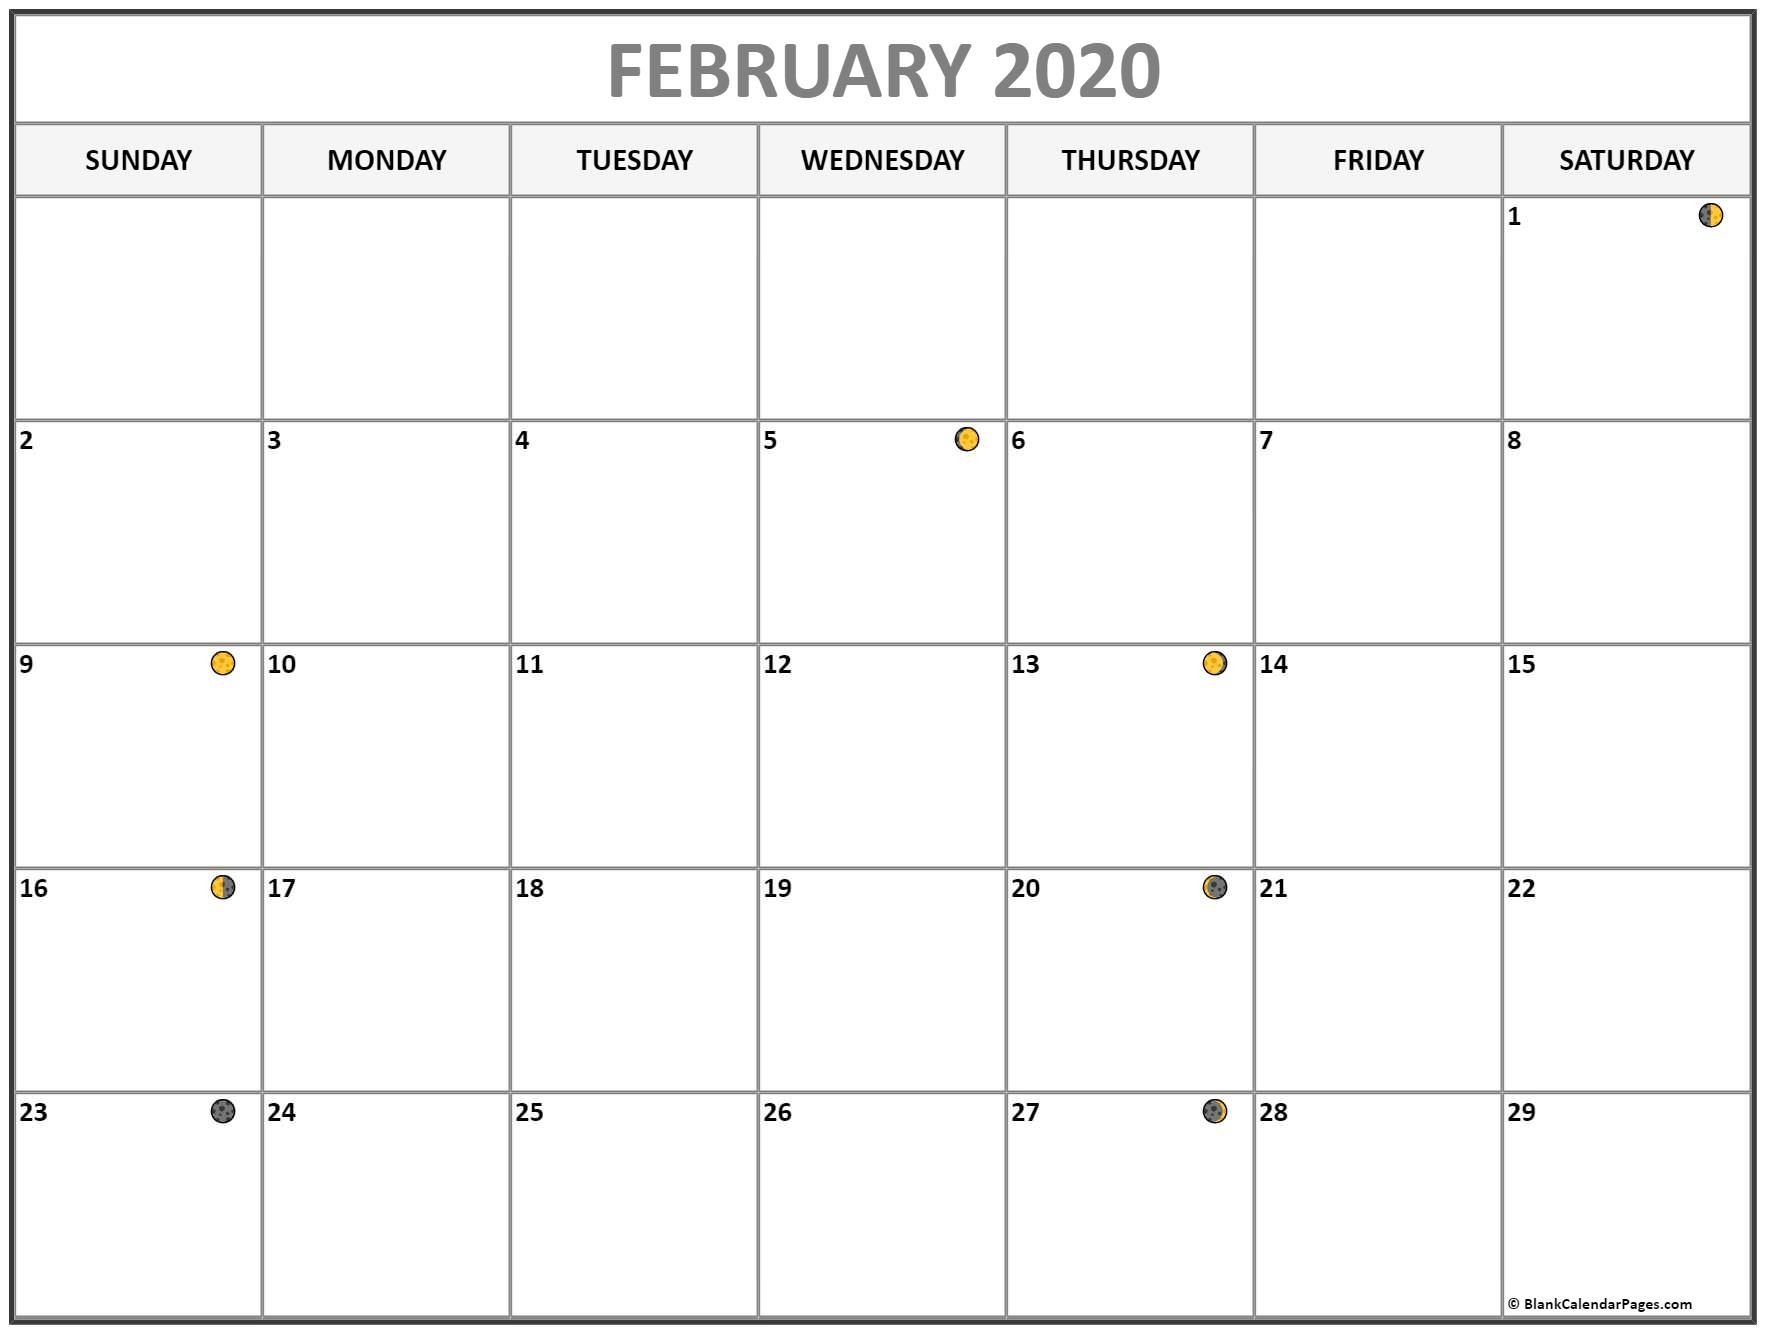 Lunar New February 2020 Full Moon Phases Calendar